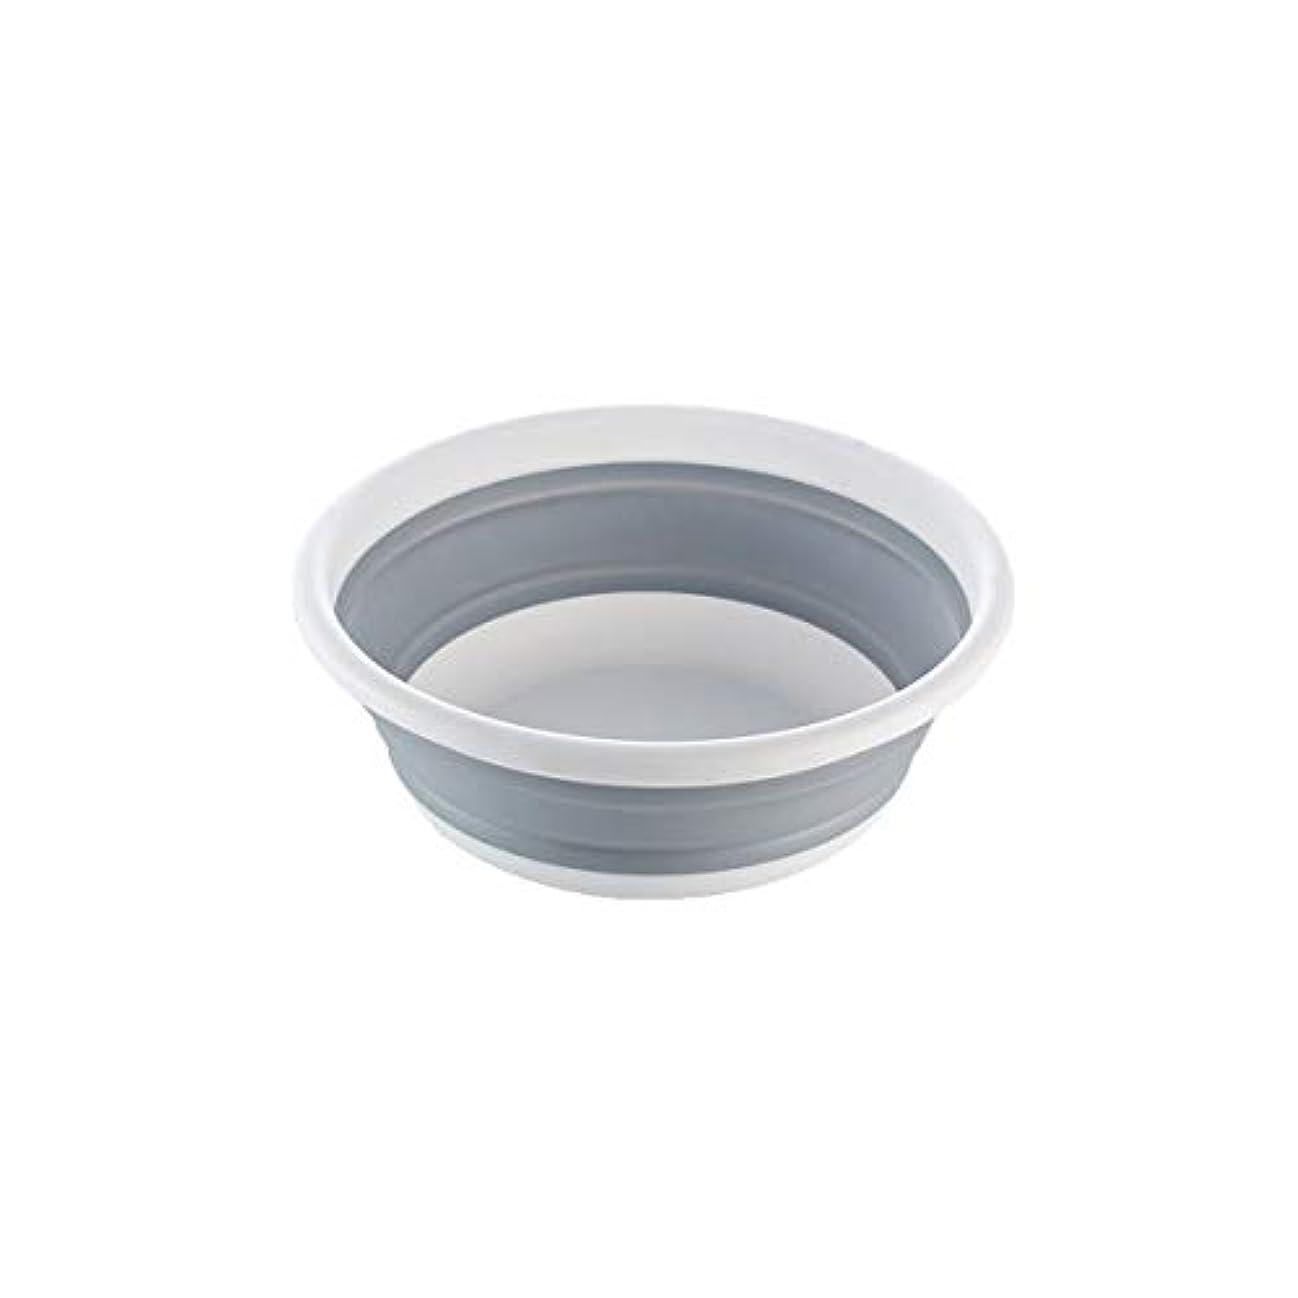 オフェンス前提条件後退するXIONGHAIZI 折りたたみ式洗面器、家庭用洗面器、浸水用洗面器、携帯用パッド入り旅行用洗面器、屋外ランドリー洗面器